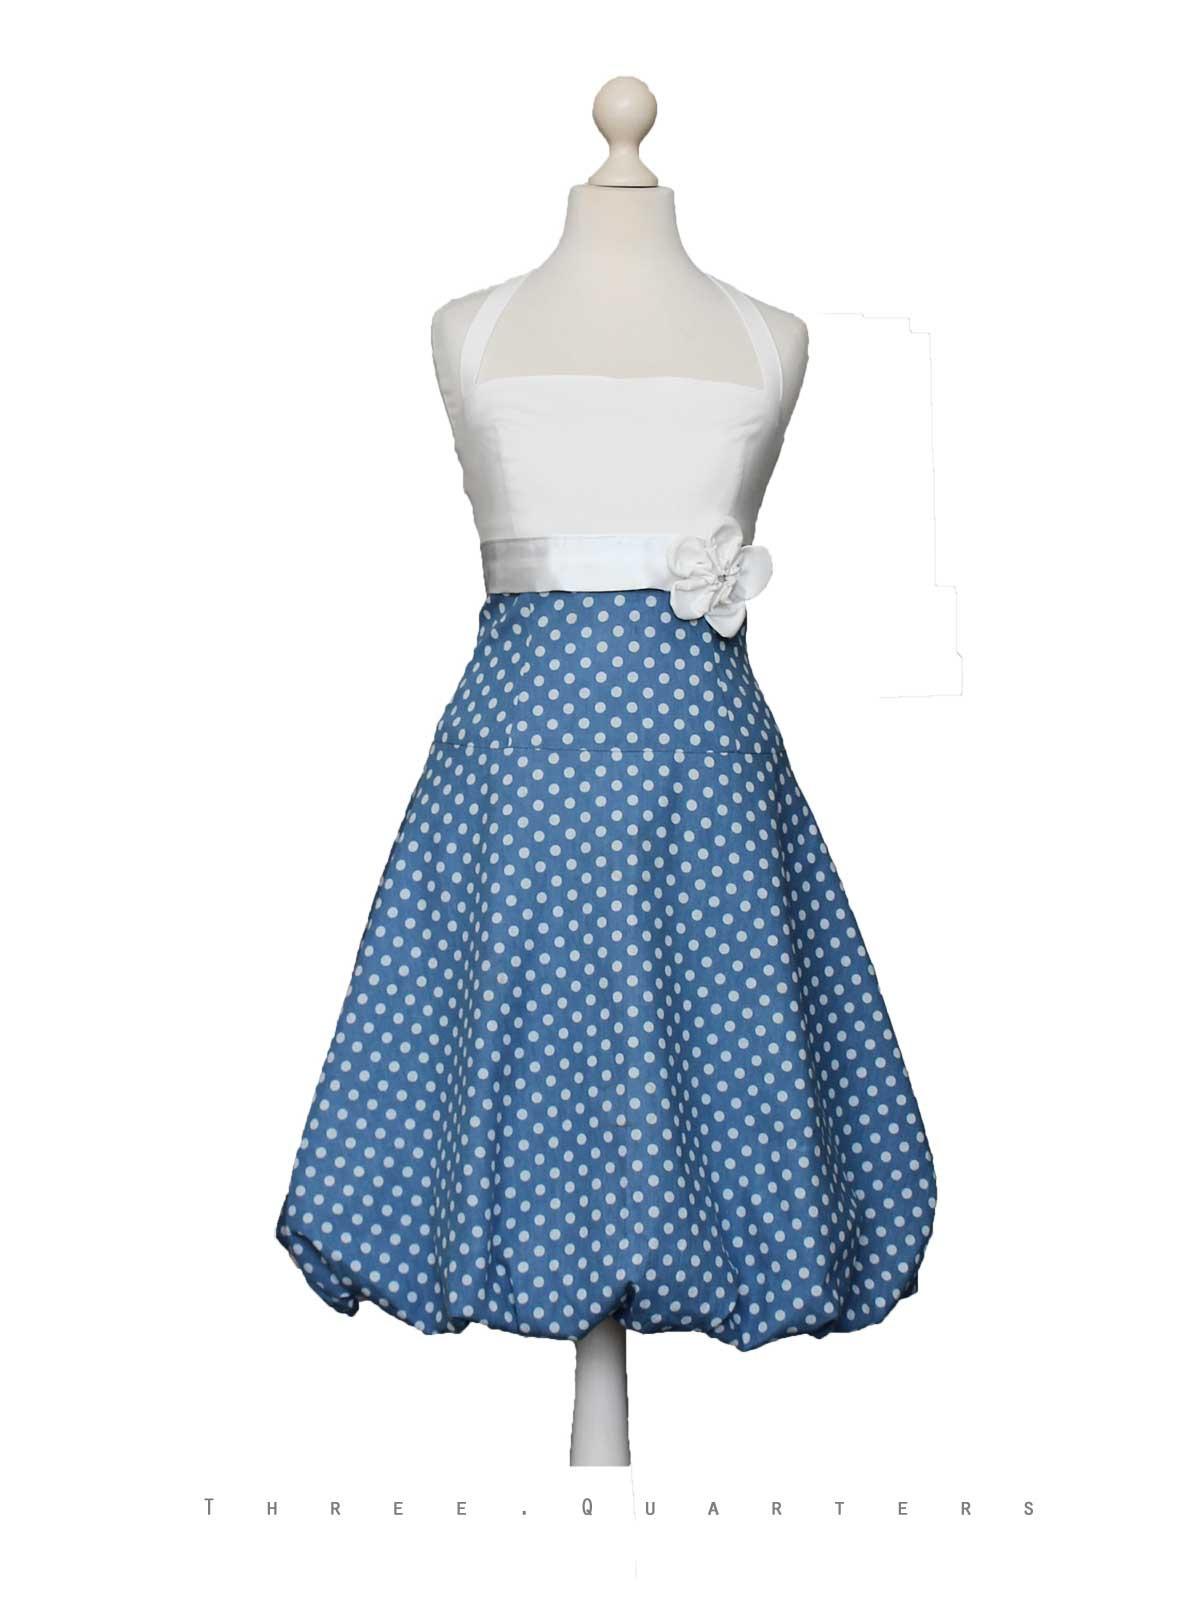 Three-Quarters - Ballonkleid, Kleid, Abendkleid, Blau